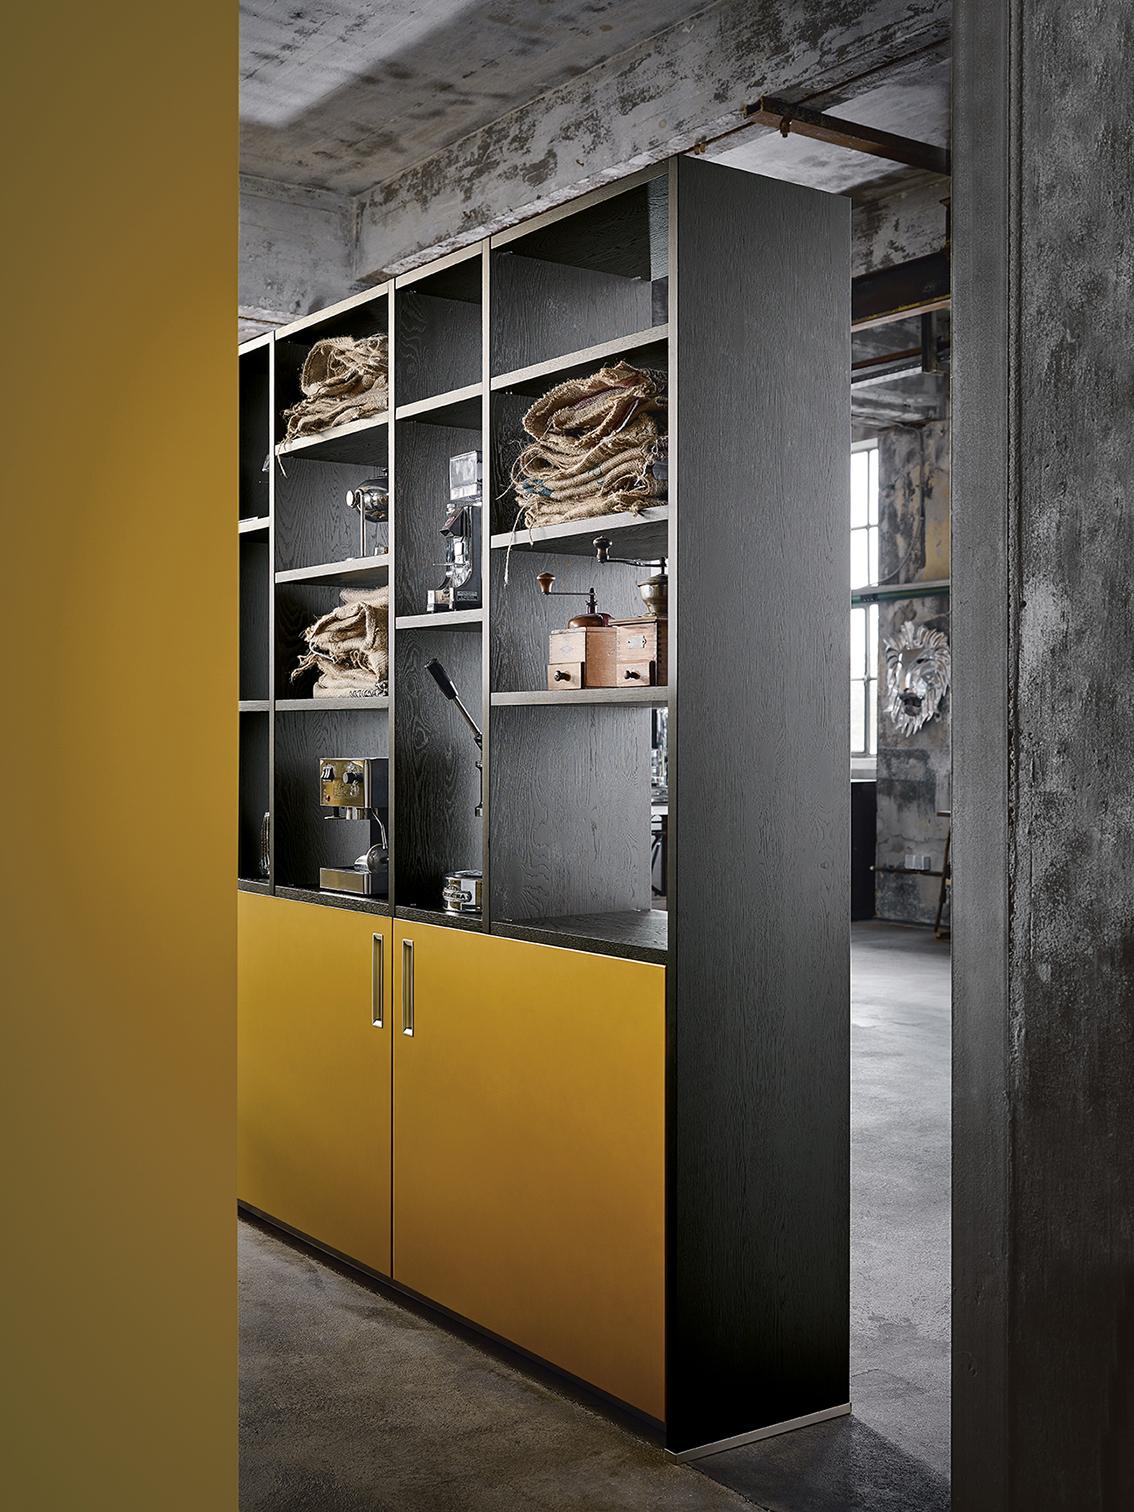 Cuisine de marque Next 125 noire et safrane design industriel soigné